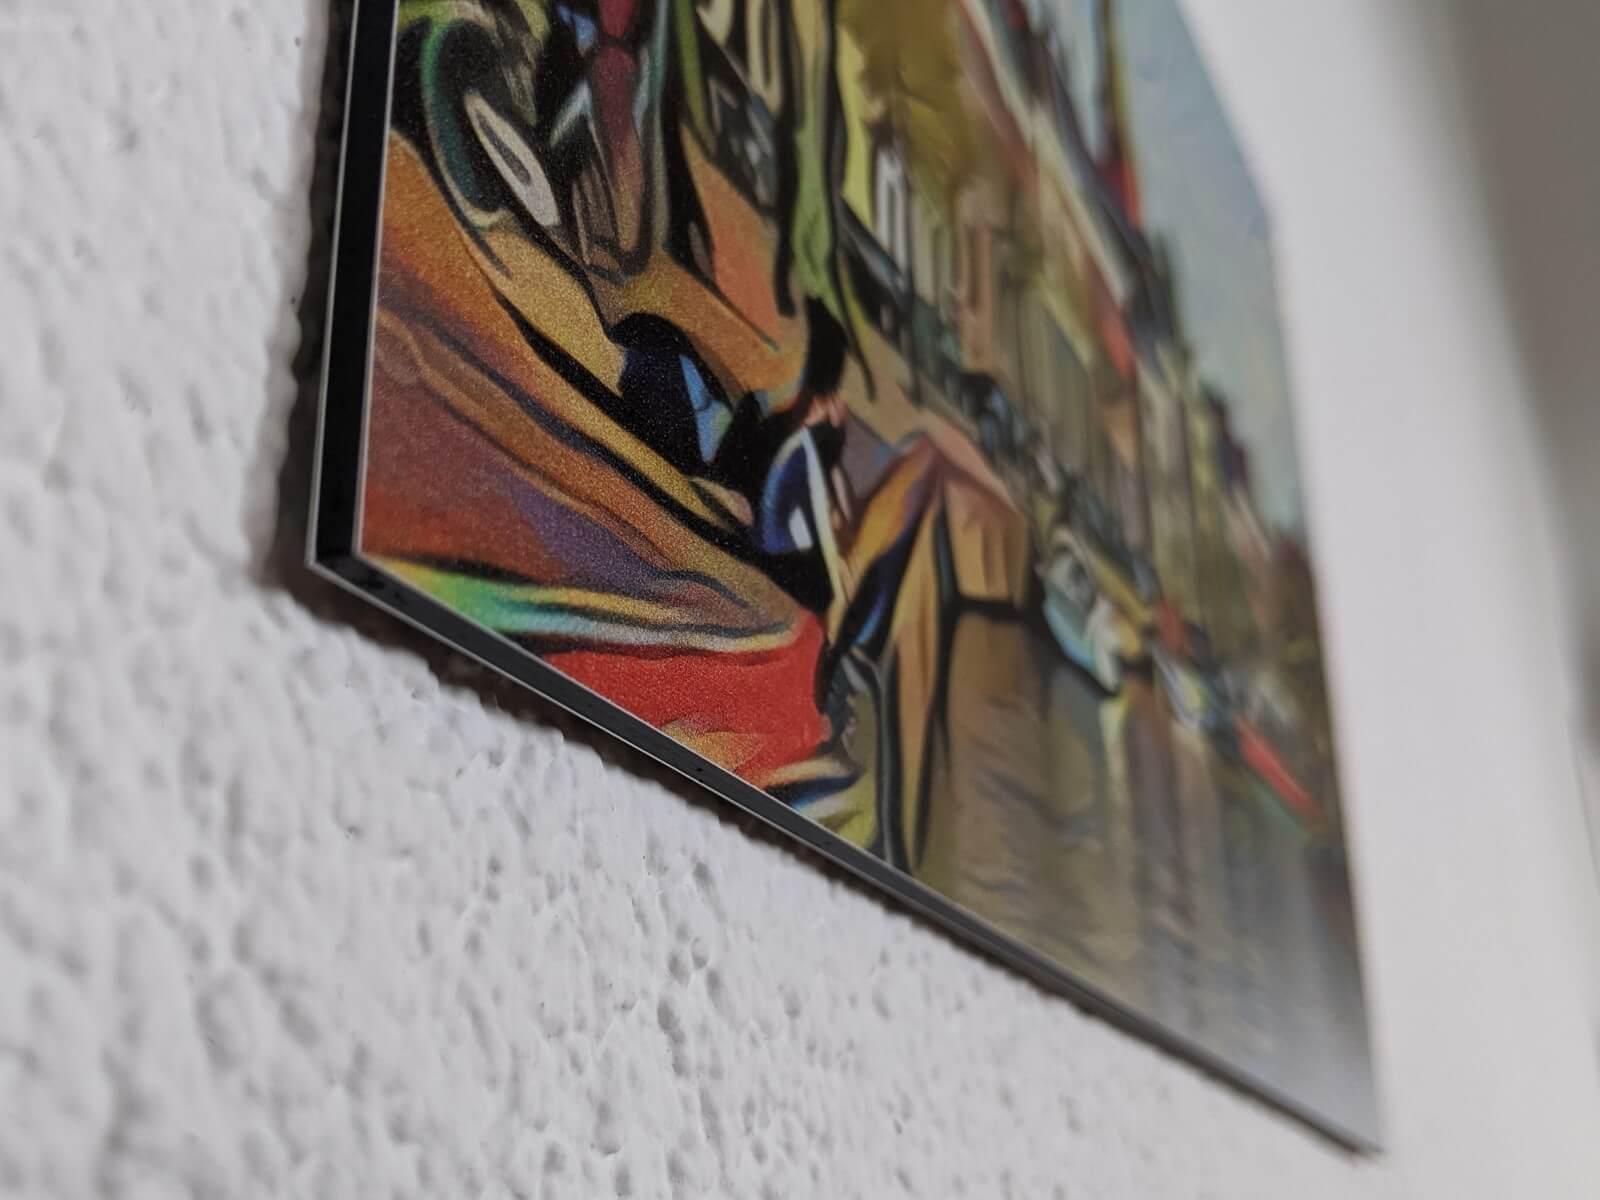 De Groningse gracht geeft een prachtige spiegeling door het alumium. Alsof je er vanuit de woonkamer zo in kan springen.